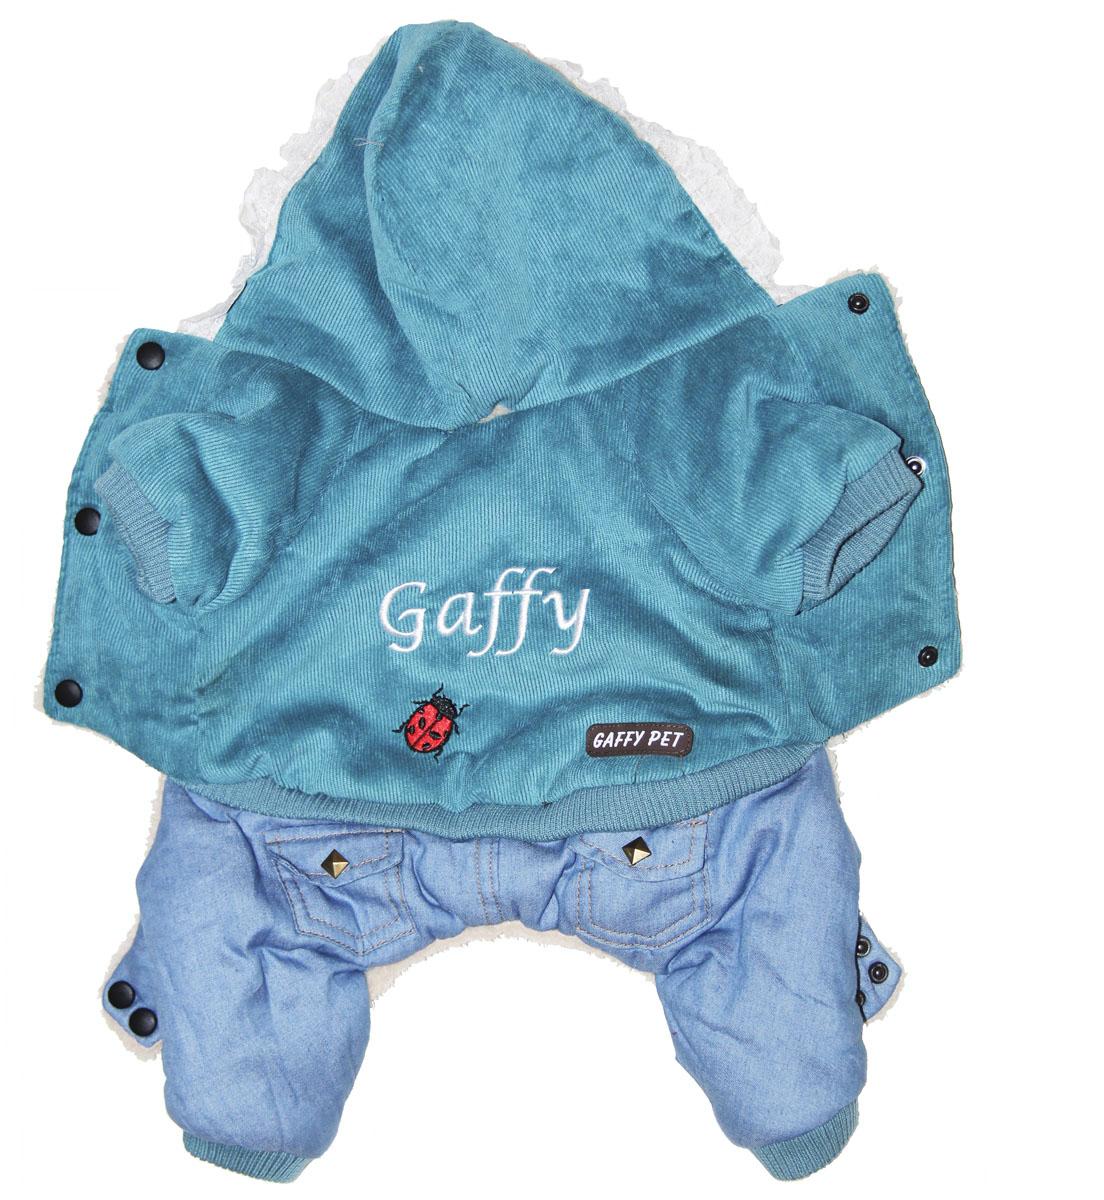 Комбинезон для собак Gaffy Pet Ladybird, зимний, для мальчика, цвет: голубой. Размер L11010 LКрасивая вельветовая курточка в сочетании с модным денимом Gaffy Pet Ladybird отлично подойдет на зиму.Все детали продуманы до мелочей. Капюшон отделан нежным кружевом. На стыке капюшона и спинки есть отверстие для поводка.Комбинезон внутри отделан теплым мехом для защиты от холода. Живот почти полностью закрыт, кроме необходимых для прогулок отверстий.На животе комбинезон фиксируется с помощью кнопок, а в нижней части живота есть 2 ряда кнопок для того, чтобы комбинезон точно сел по фигуре.Дополнительно комбинезон снабжен резинками на рукавах и штанинах для лучшей защиты от снега и холода.Затейливая вышивка и оригинальные кнопки добавят собачке индивидуальности.Данные модели комбинезонов с закрытым животом были запатентованы как полезная модель. Патент # 2014125392. Обхват шеи: 30 см.Обхват груди: 50 см.Длина спины: 34 см.Одежда для собак: нужна ли она и как её выбрать. Статья OZON Гид